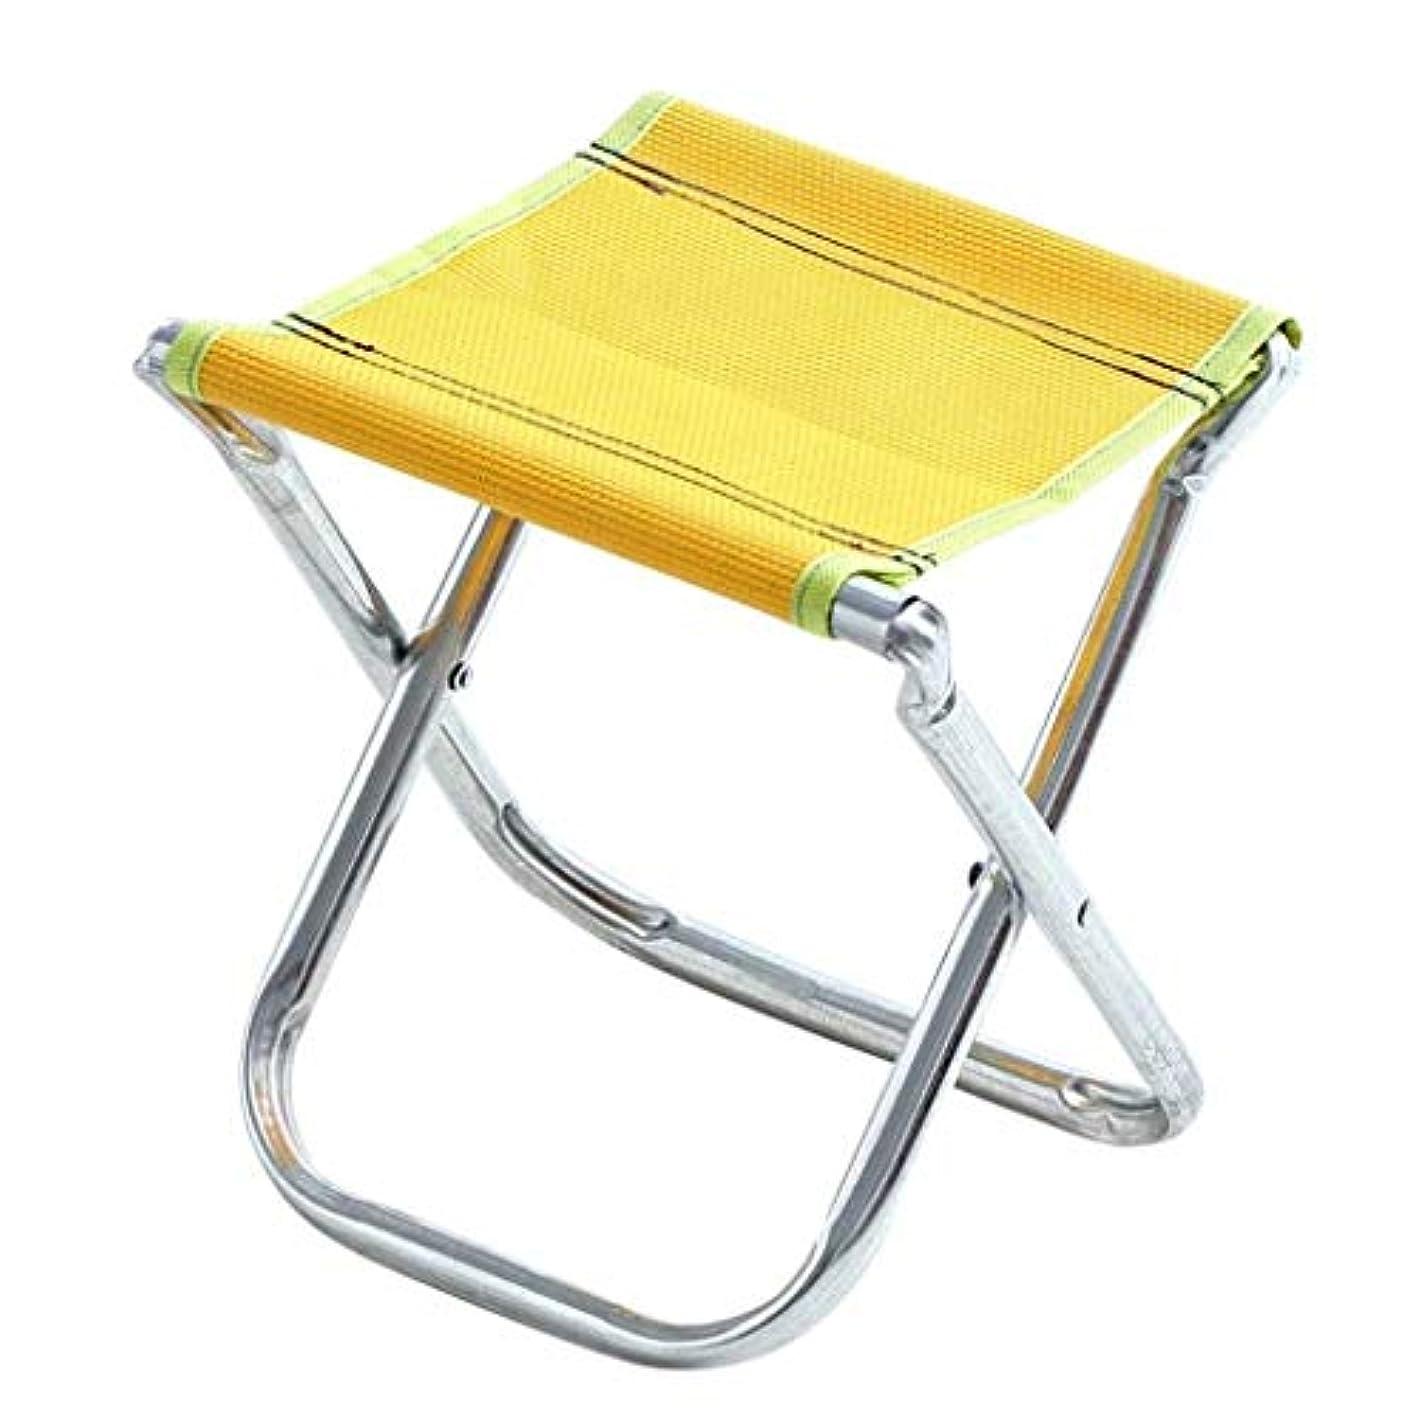 類推可能にする真面目なJXXDDQ 折りたたみスツール、スツールポータブル折りたたみスツール塗装鉄パイプオックスフォード屋外小さな折りたたみ椅子用キャンプ釣りハイキング (Color : Yellow 23.3*20.5*25.5cm)